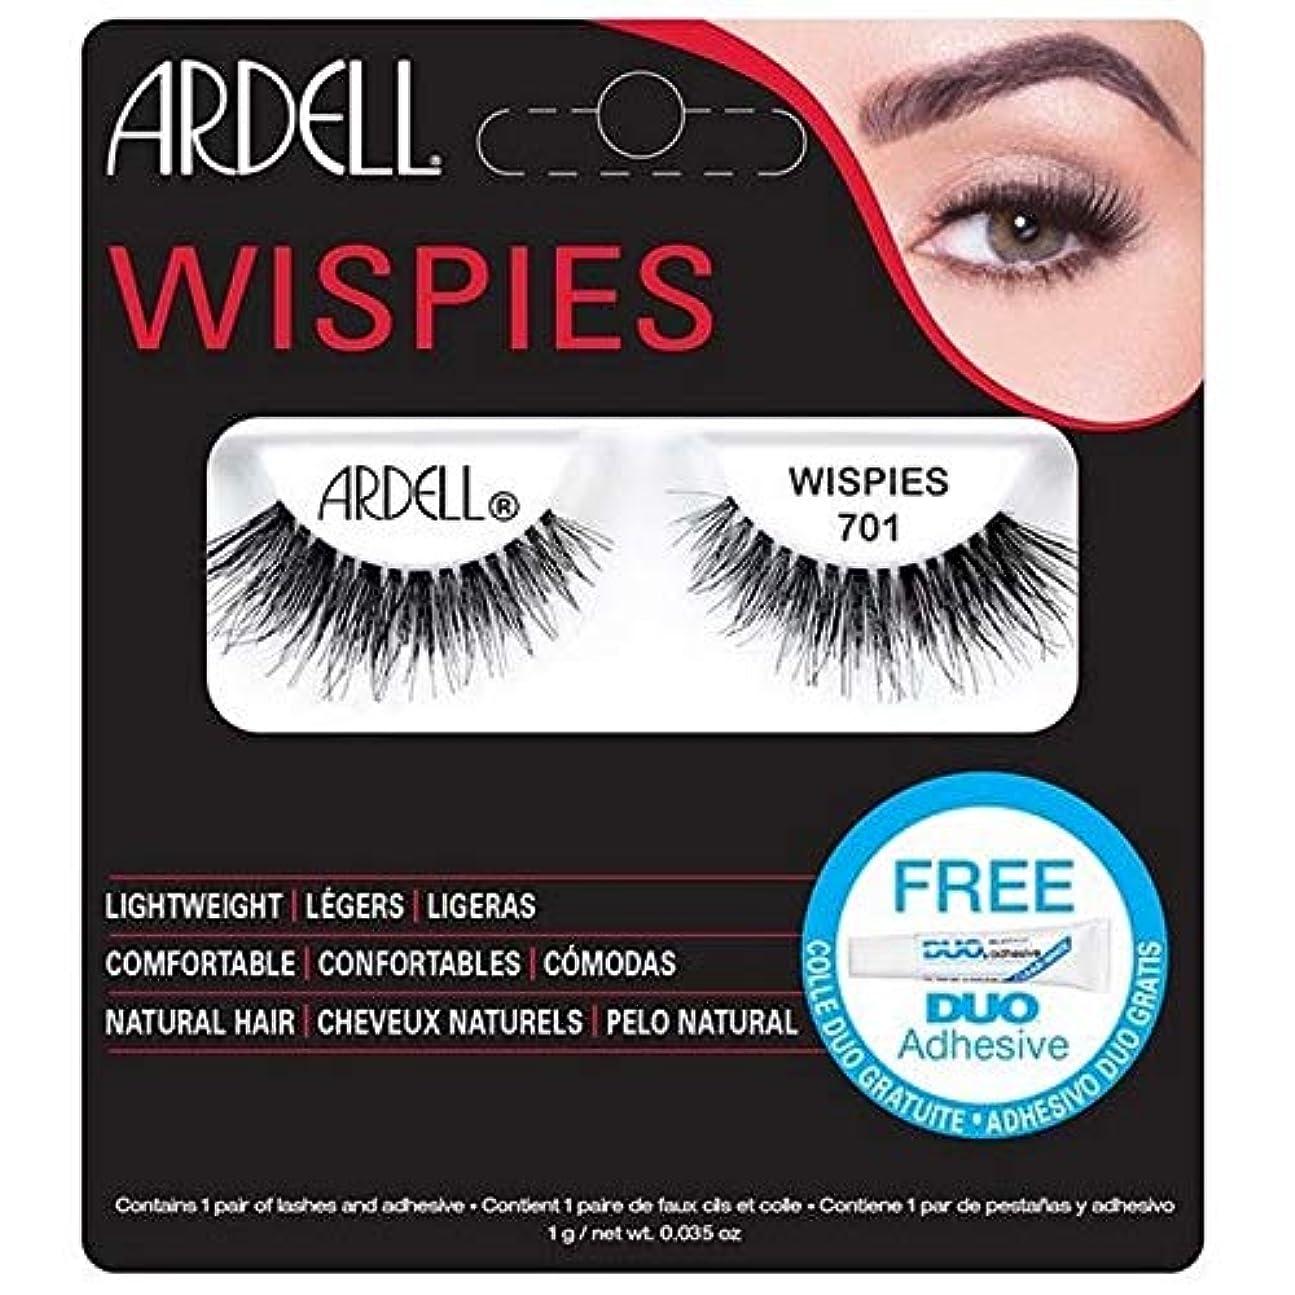 気をつけてアレルギー矛盾する[Ardell] ArdellまつげWispies 701 - Ardell Lashes Wispies 701 [並行輸入品]